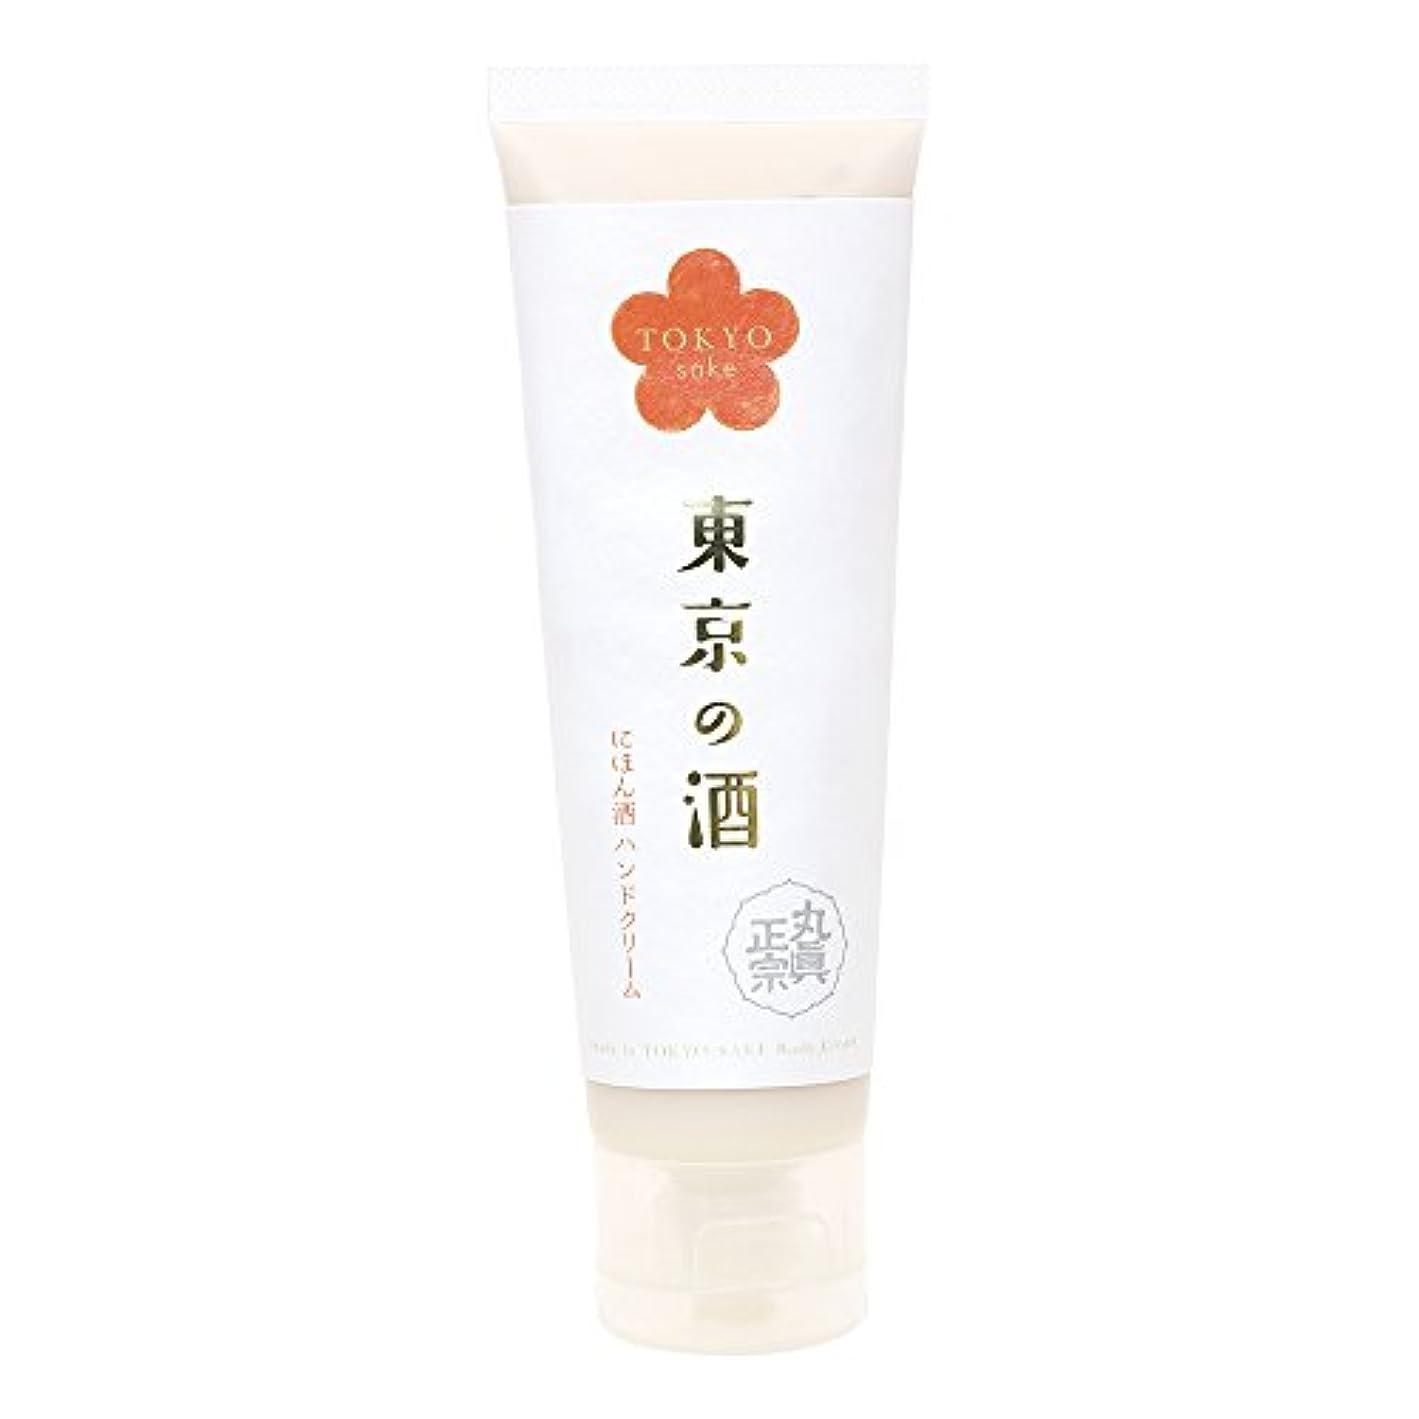 補助同情的師匠ノルコーポレーション 東京の酒 ハンドクリーム OB-TKY-2-1 65~70g